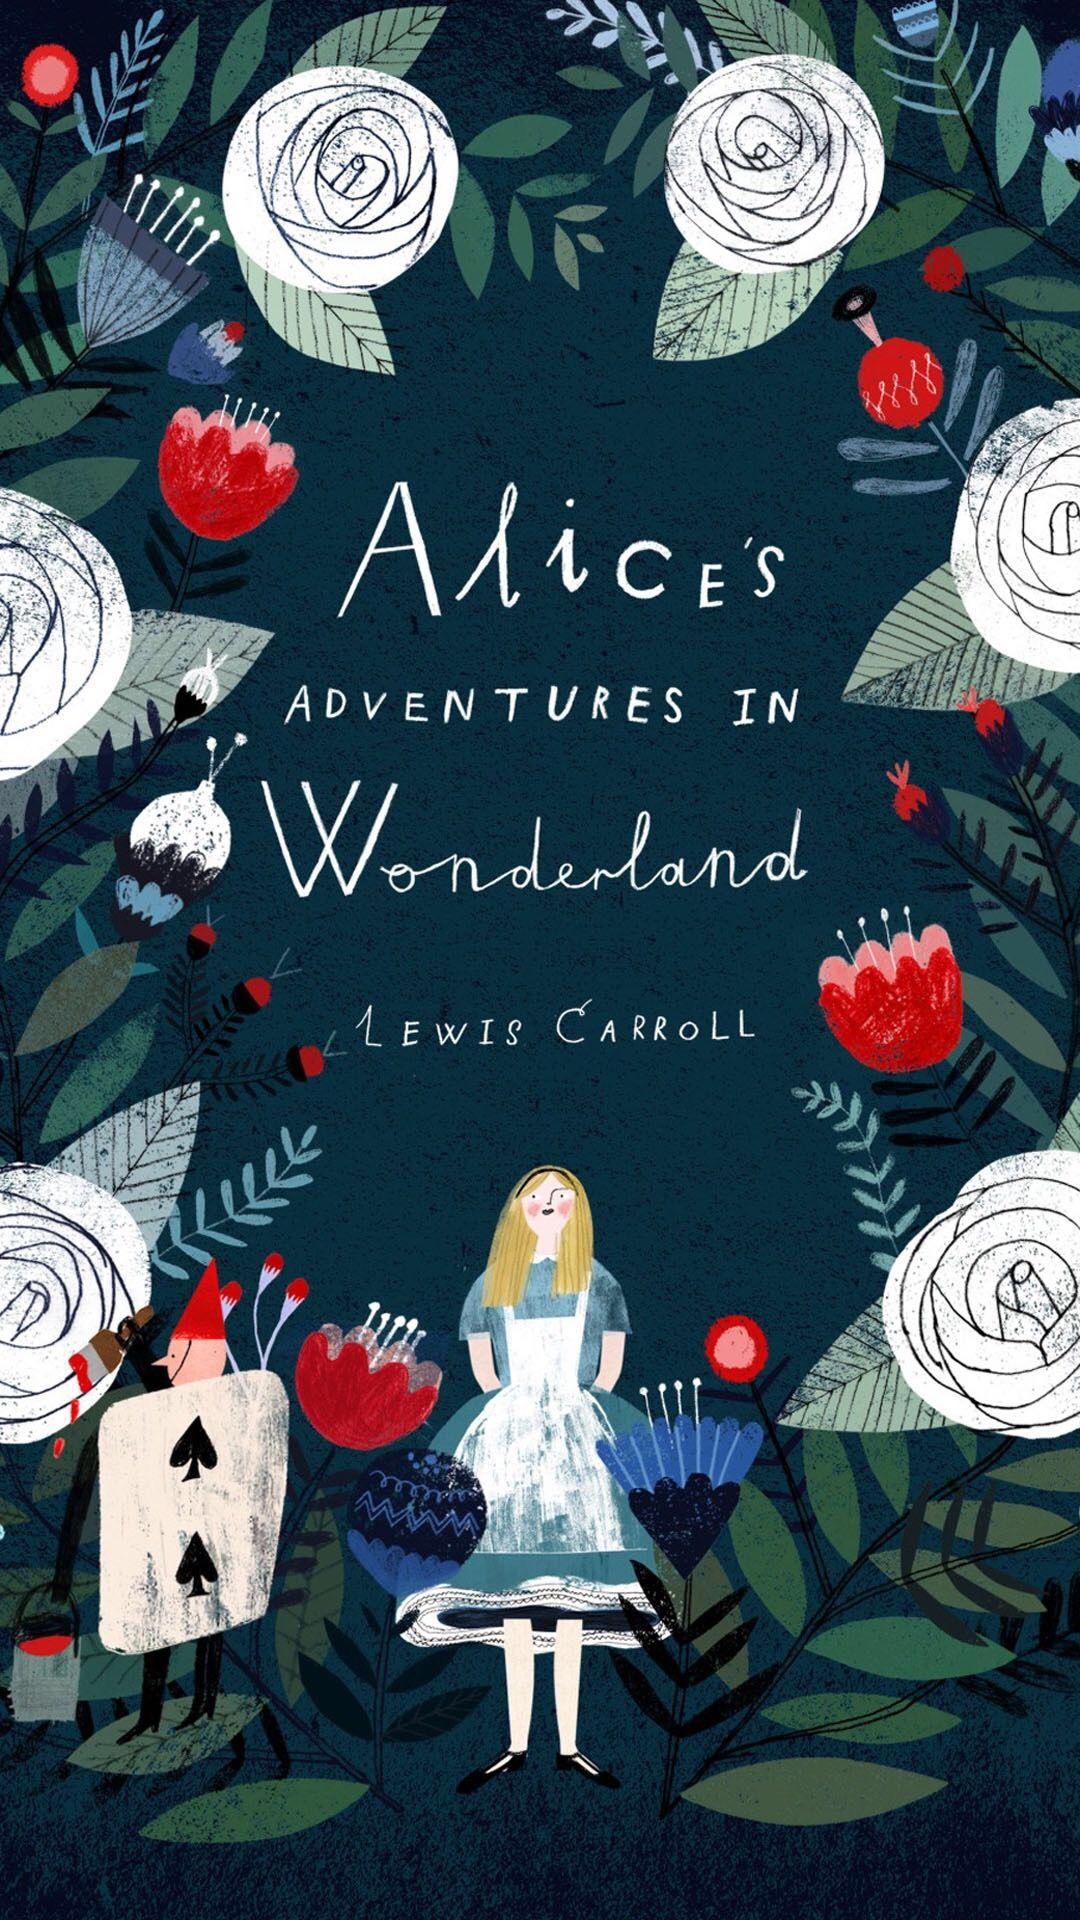 爱丽丝梦游仙境 影视 插画 手绘 丛林 树林 鲜花